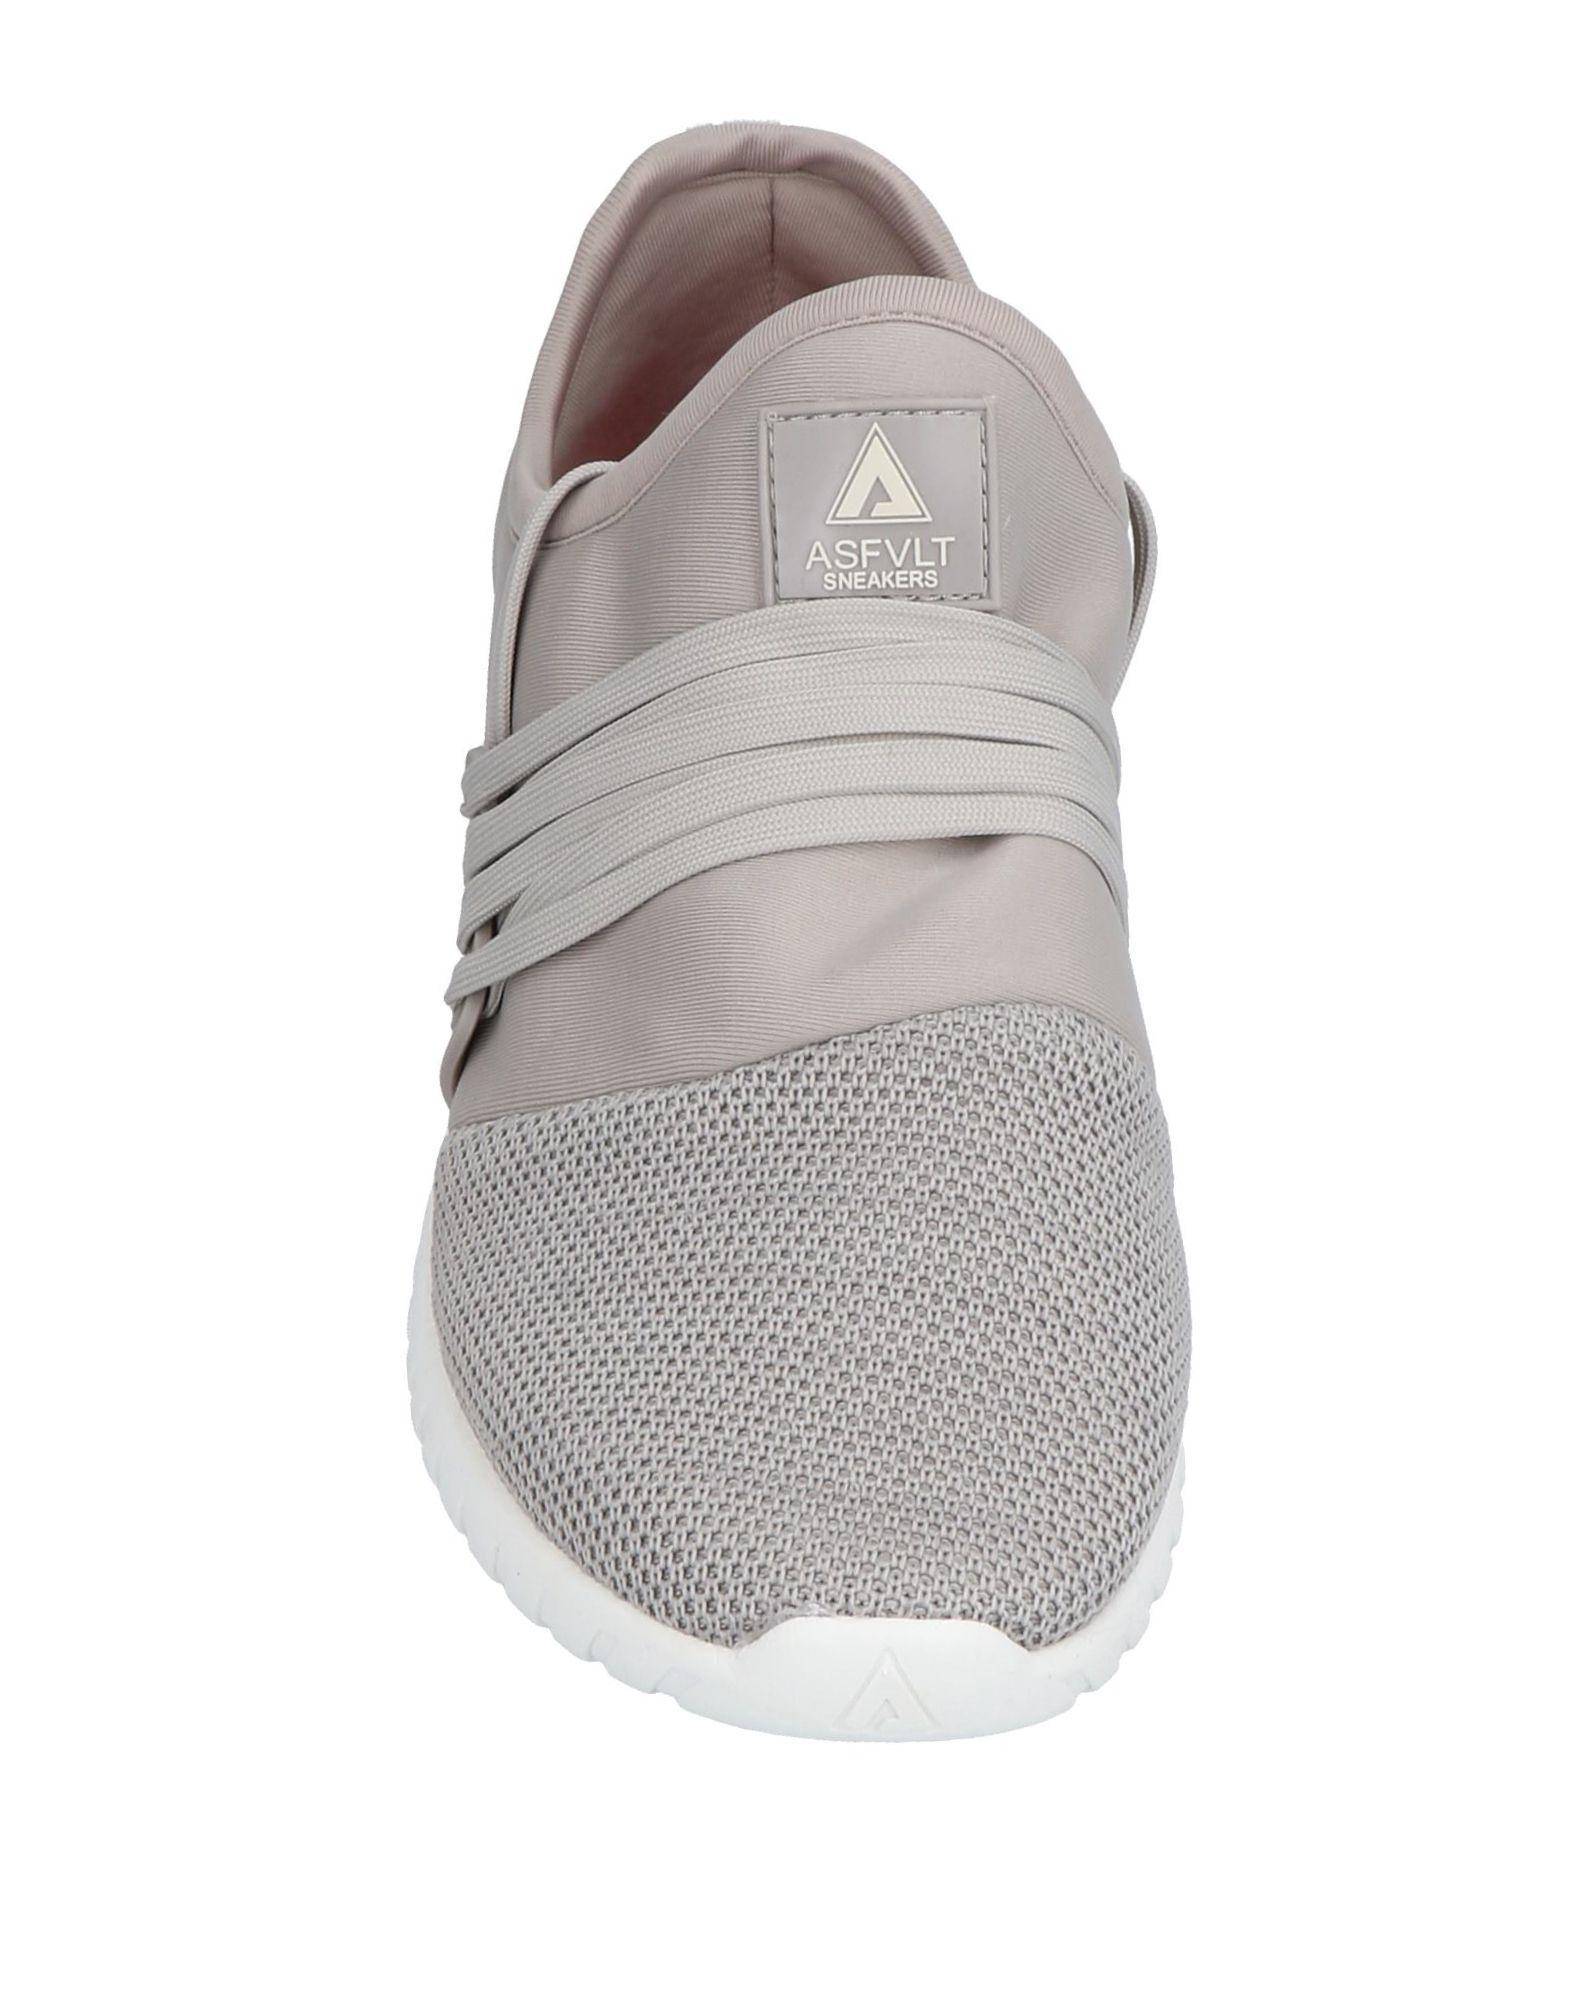 Sneakers & Tennis basses ASFVLT Sneakers pour homme en coloris Gris CWzX